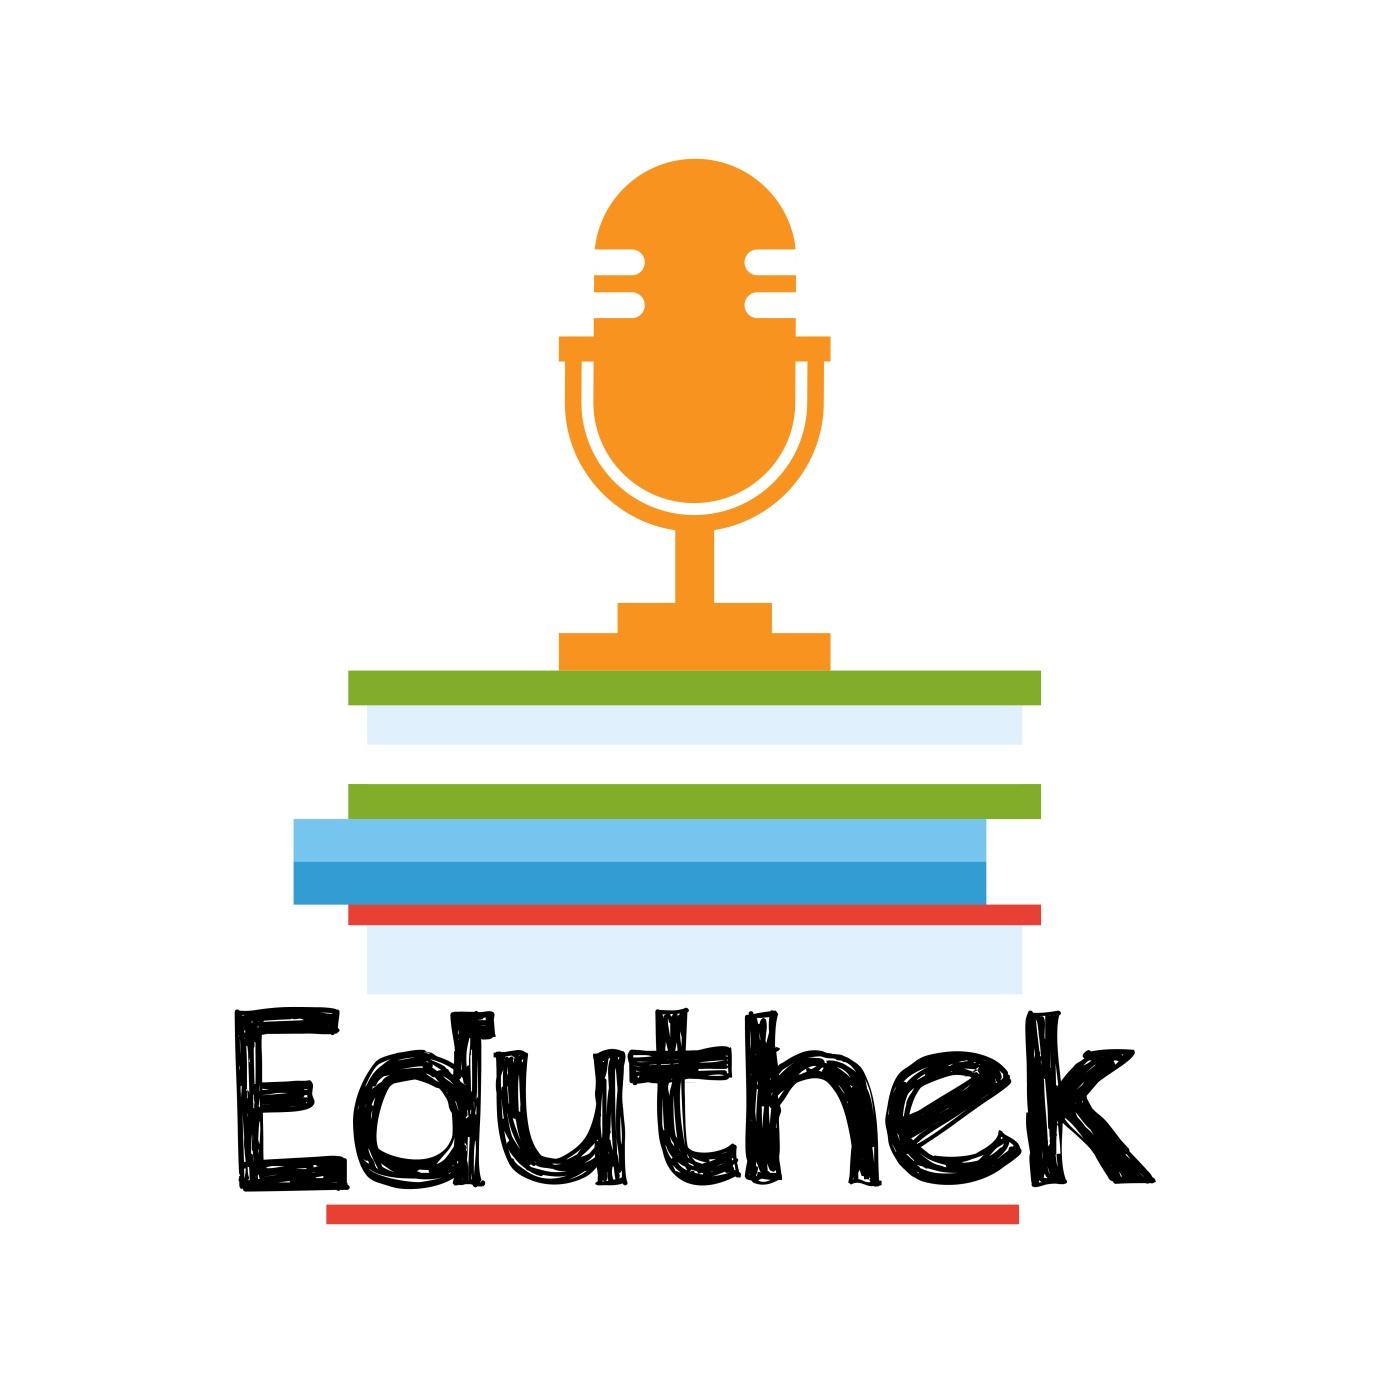 Eduthek 10 - Ein Jahr Podcast über Medienpädagogik in Bibliotheken